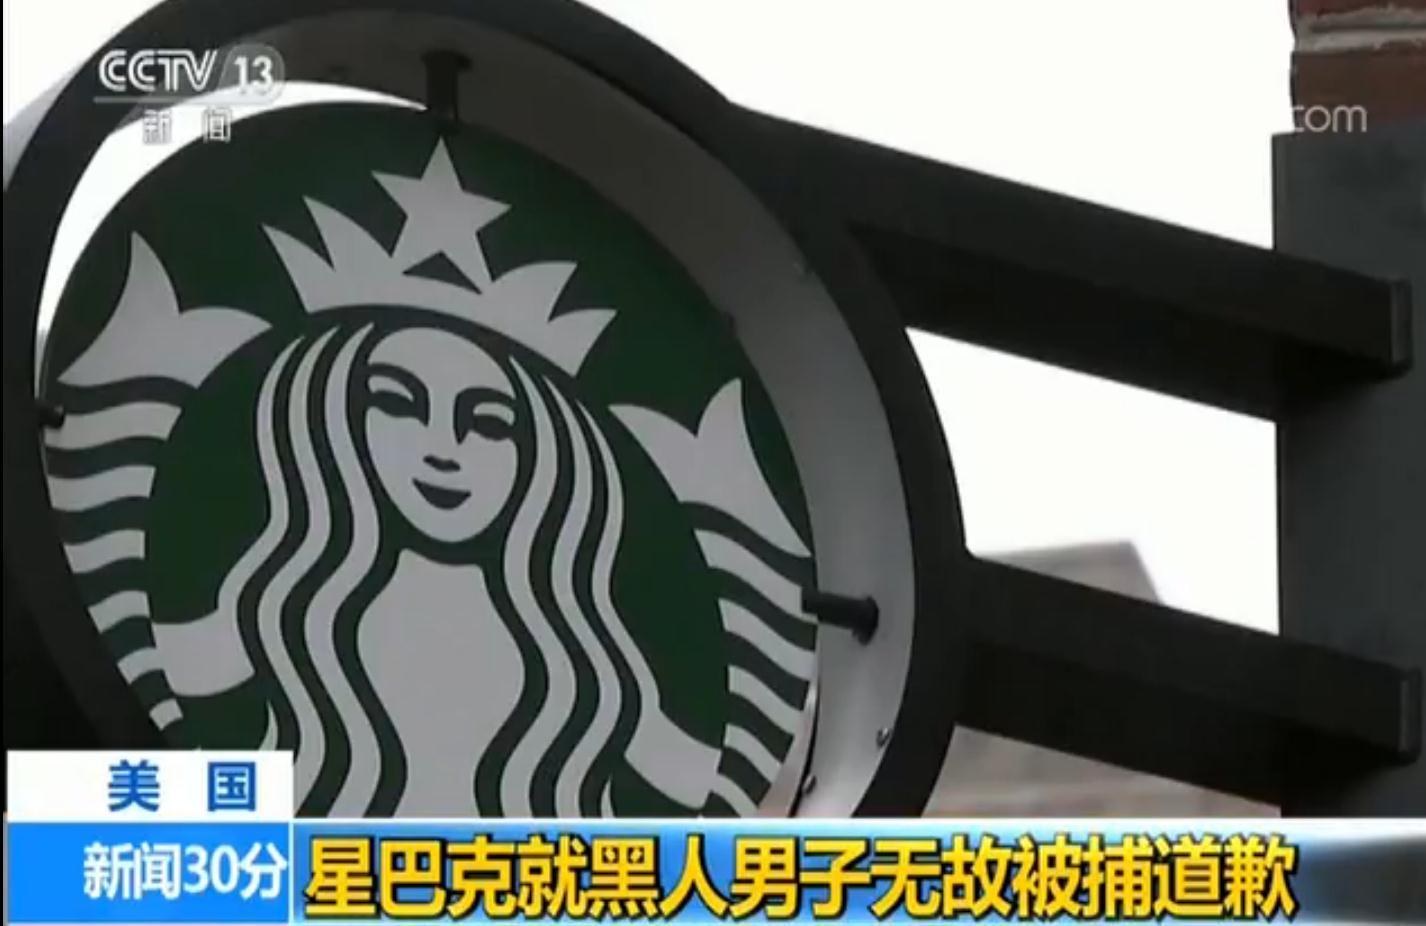 星巴克咖啡连锁店 两名黑人男子突然遭白人警察逮捕